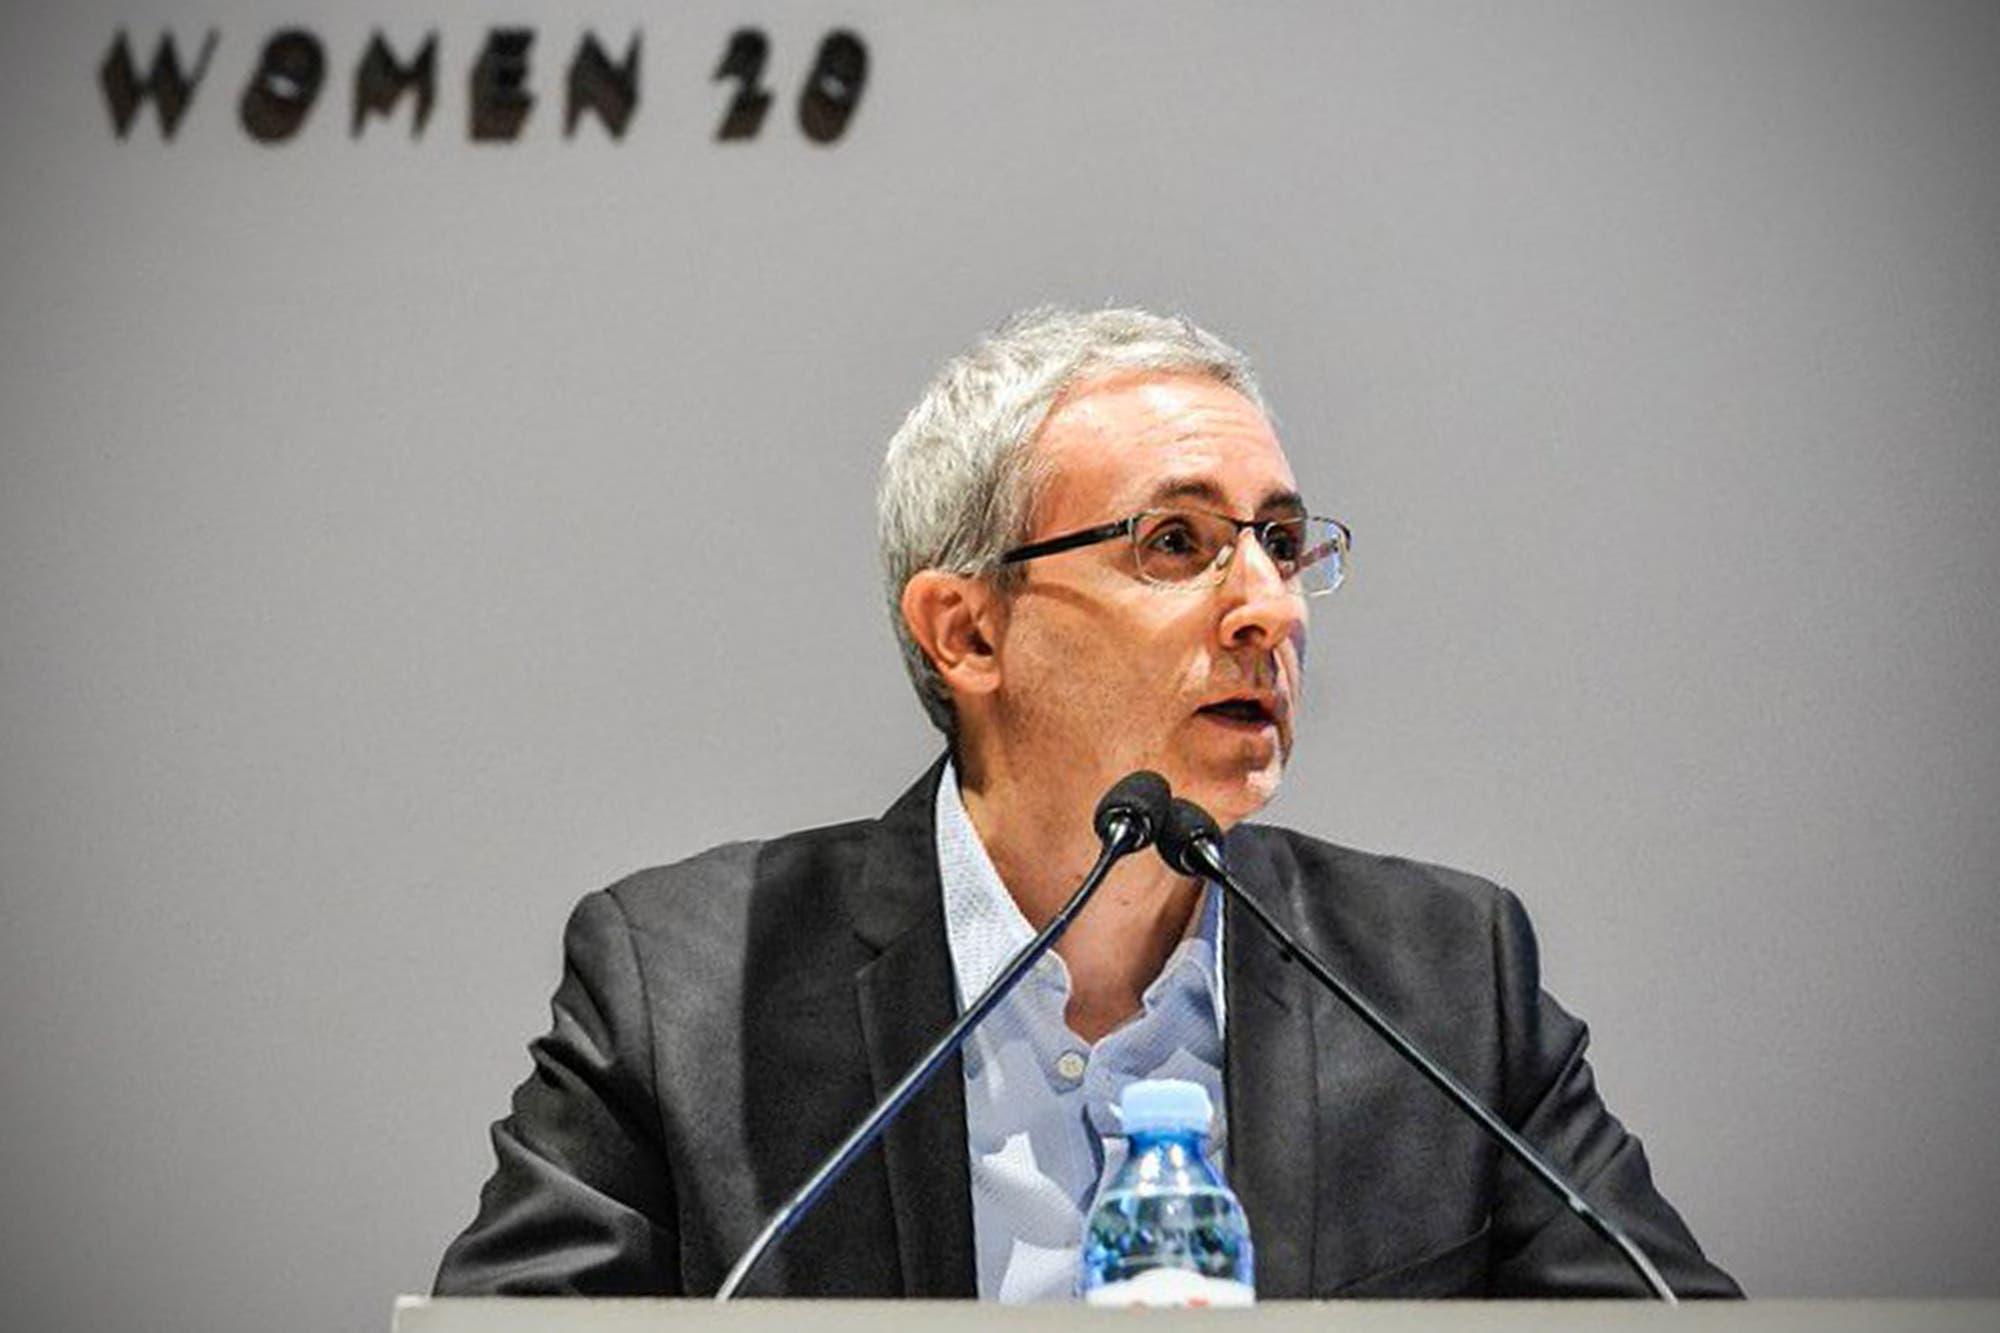 """Ivan Jablonka: """"La violencia machista va a terminar cuando los hombres se hagan feministas"""""""